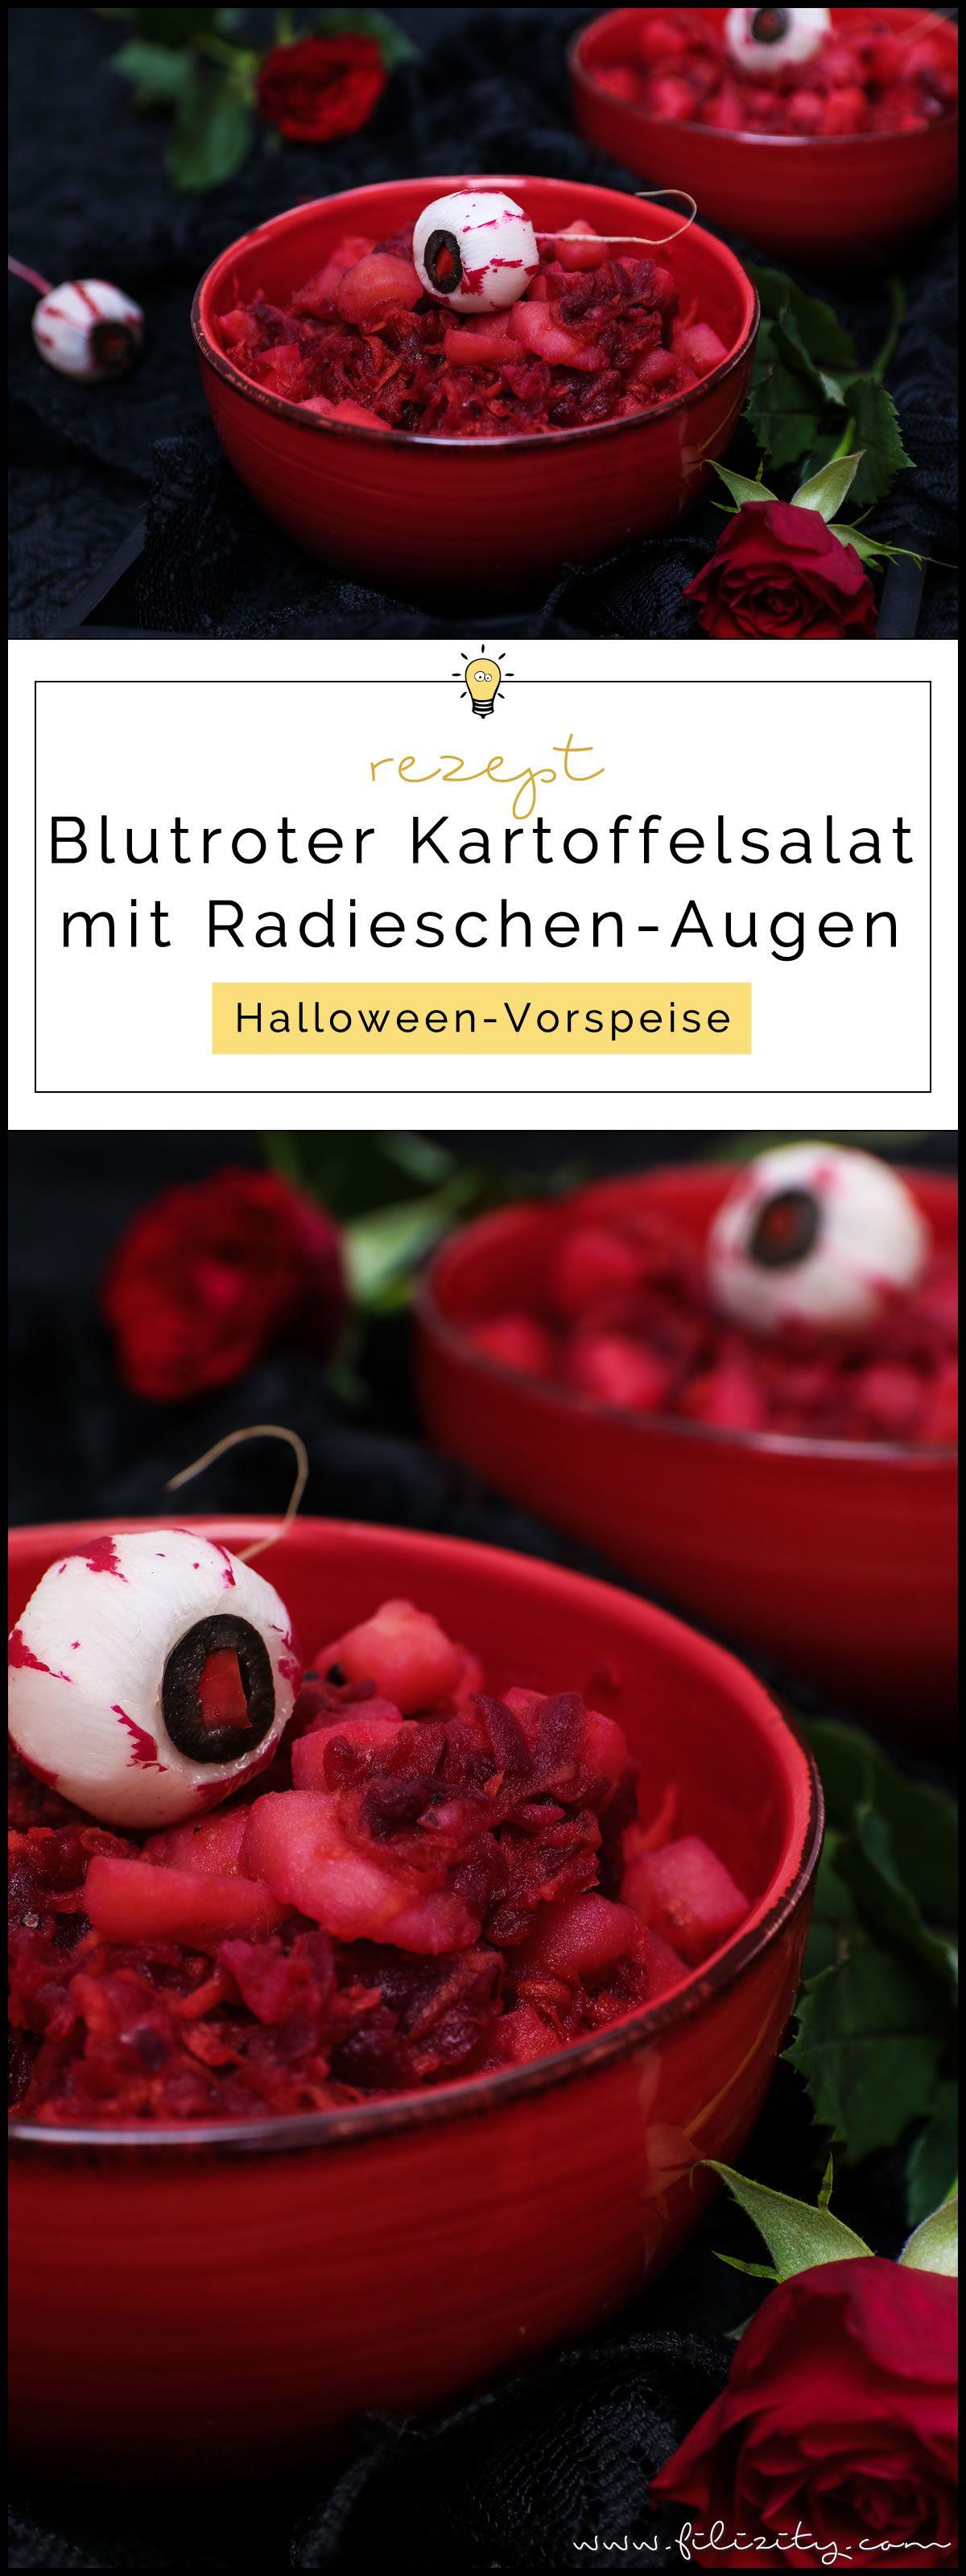 Halloween Rezept: Blutroter Kartoffelsalat mit Radieschen-Augäpfeln | Filizity.com | Food-Blog aus dem Rheinland